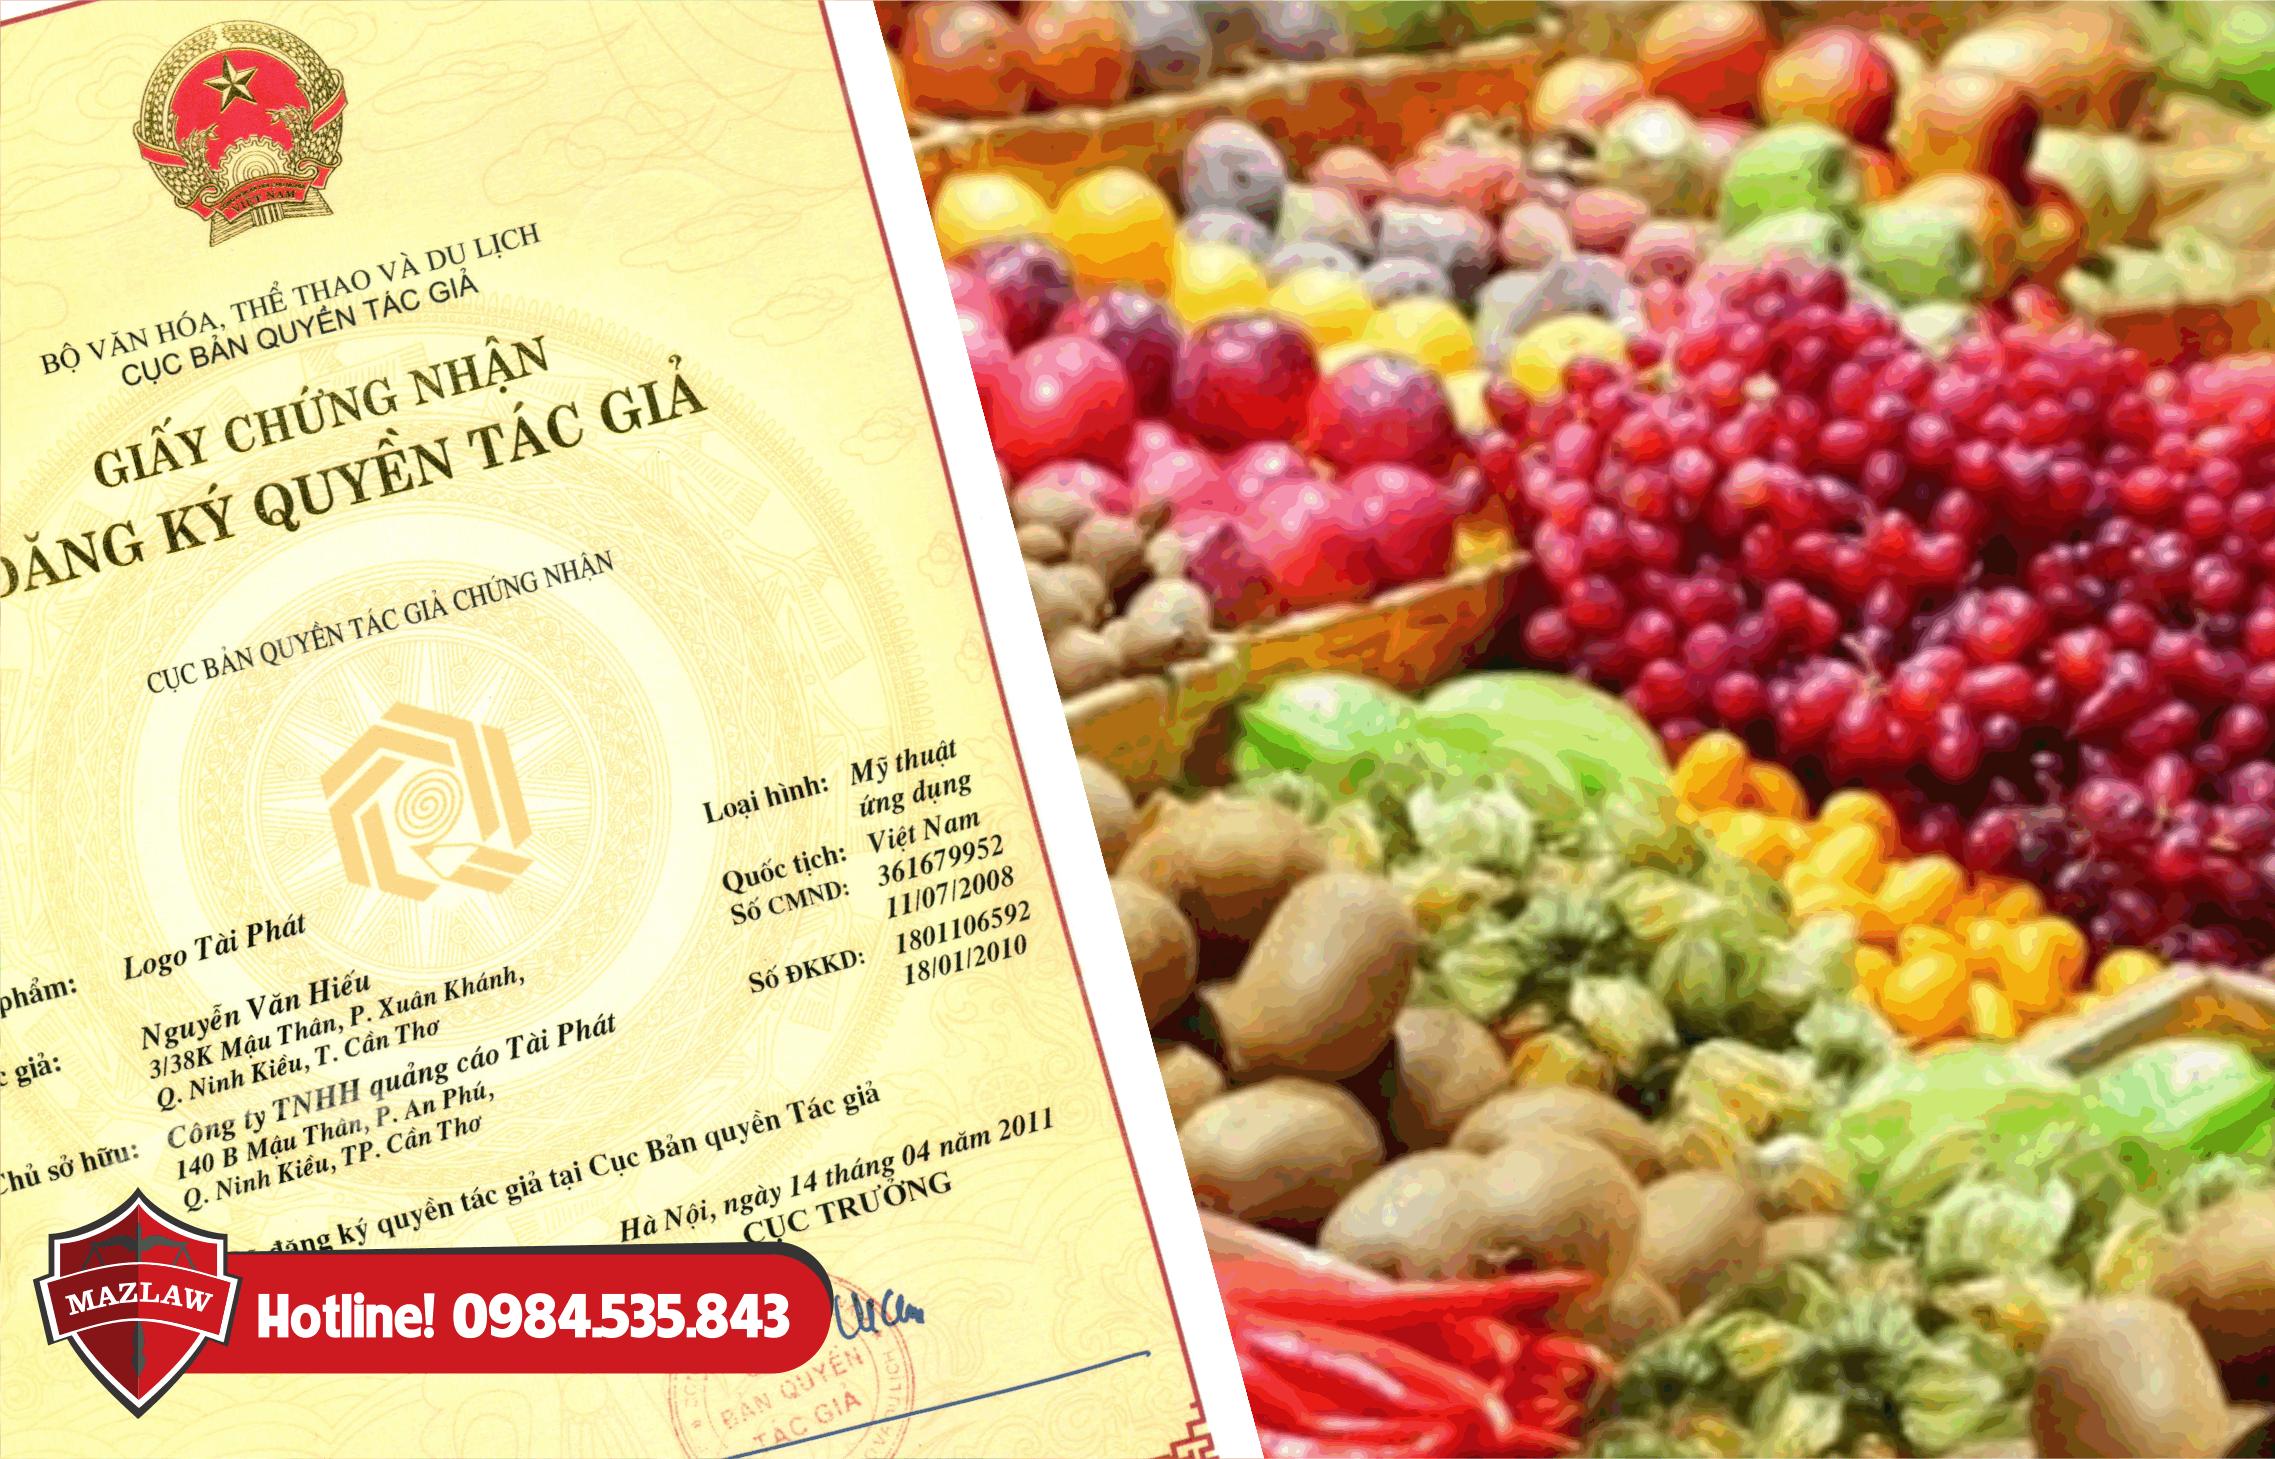 Hướng dẫn đăng ký bản quyền thương hiệu nông sản - Luật Maz